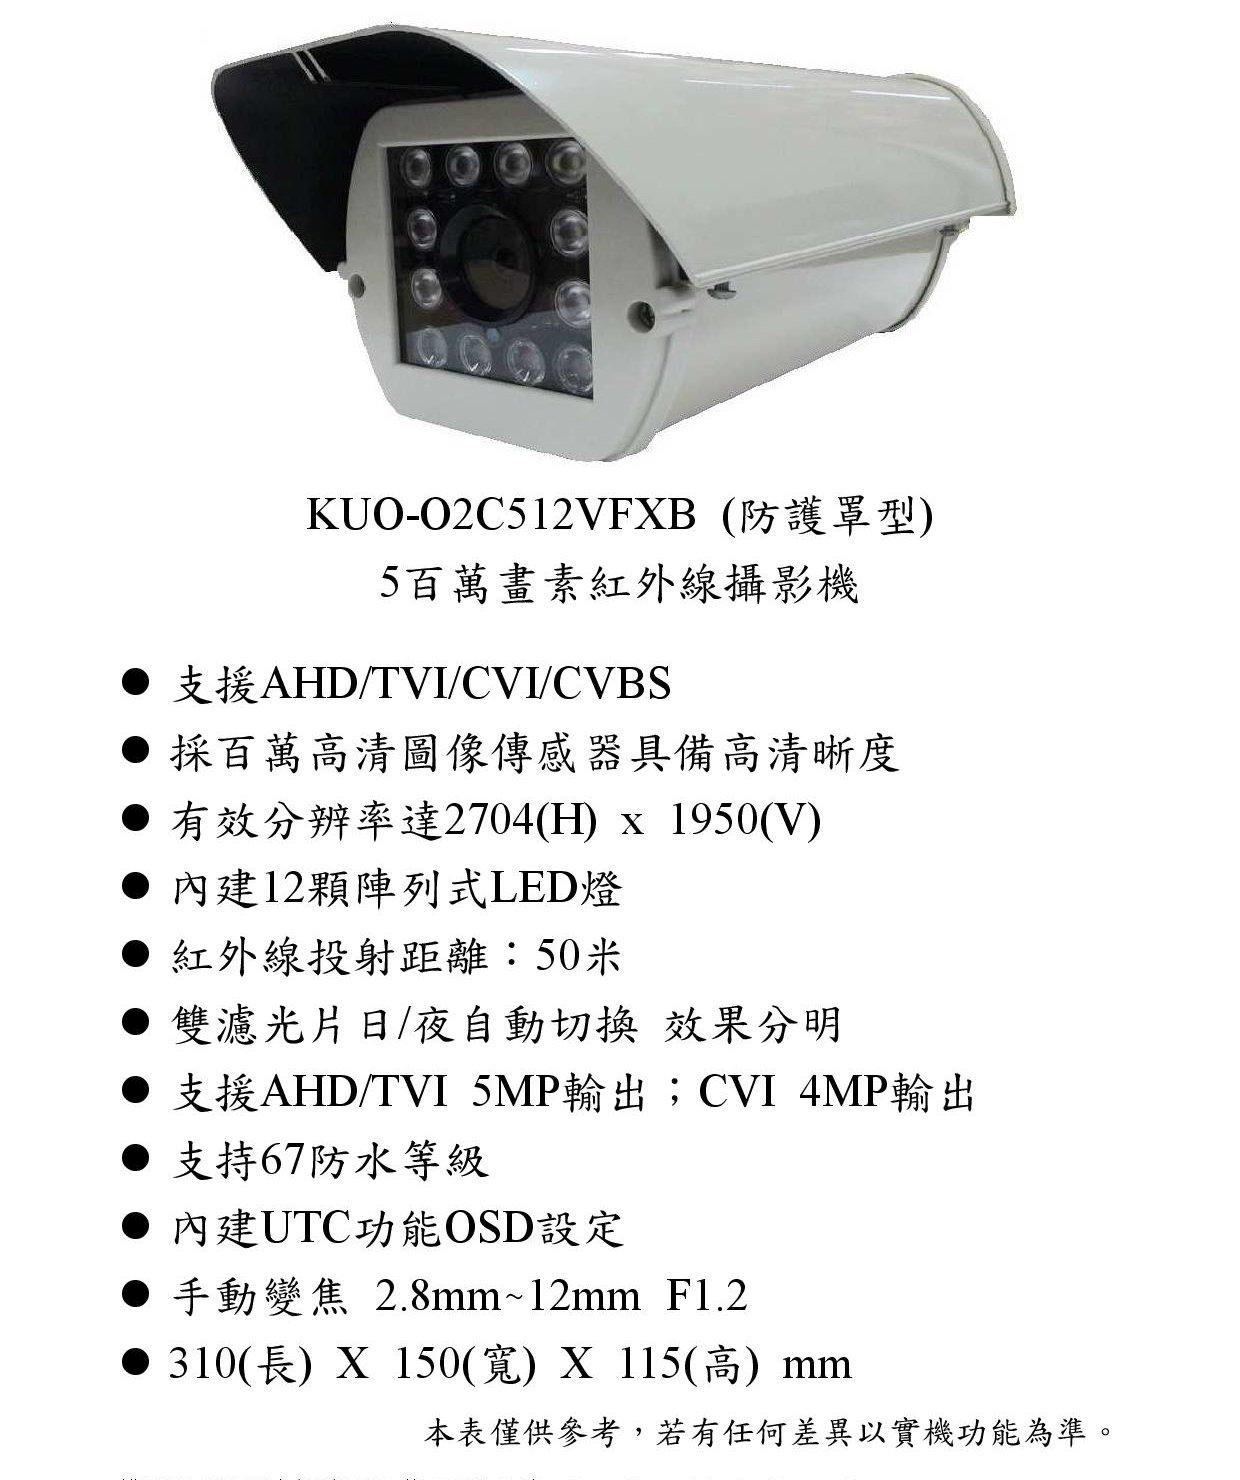 KUO-O2C512VFXB-5MP